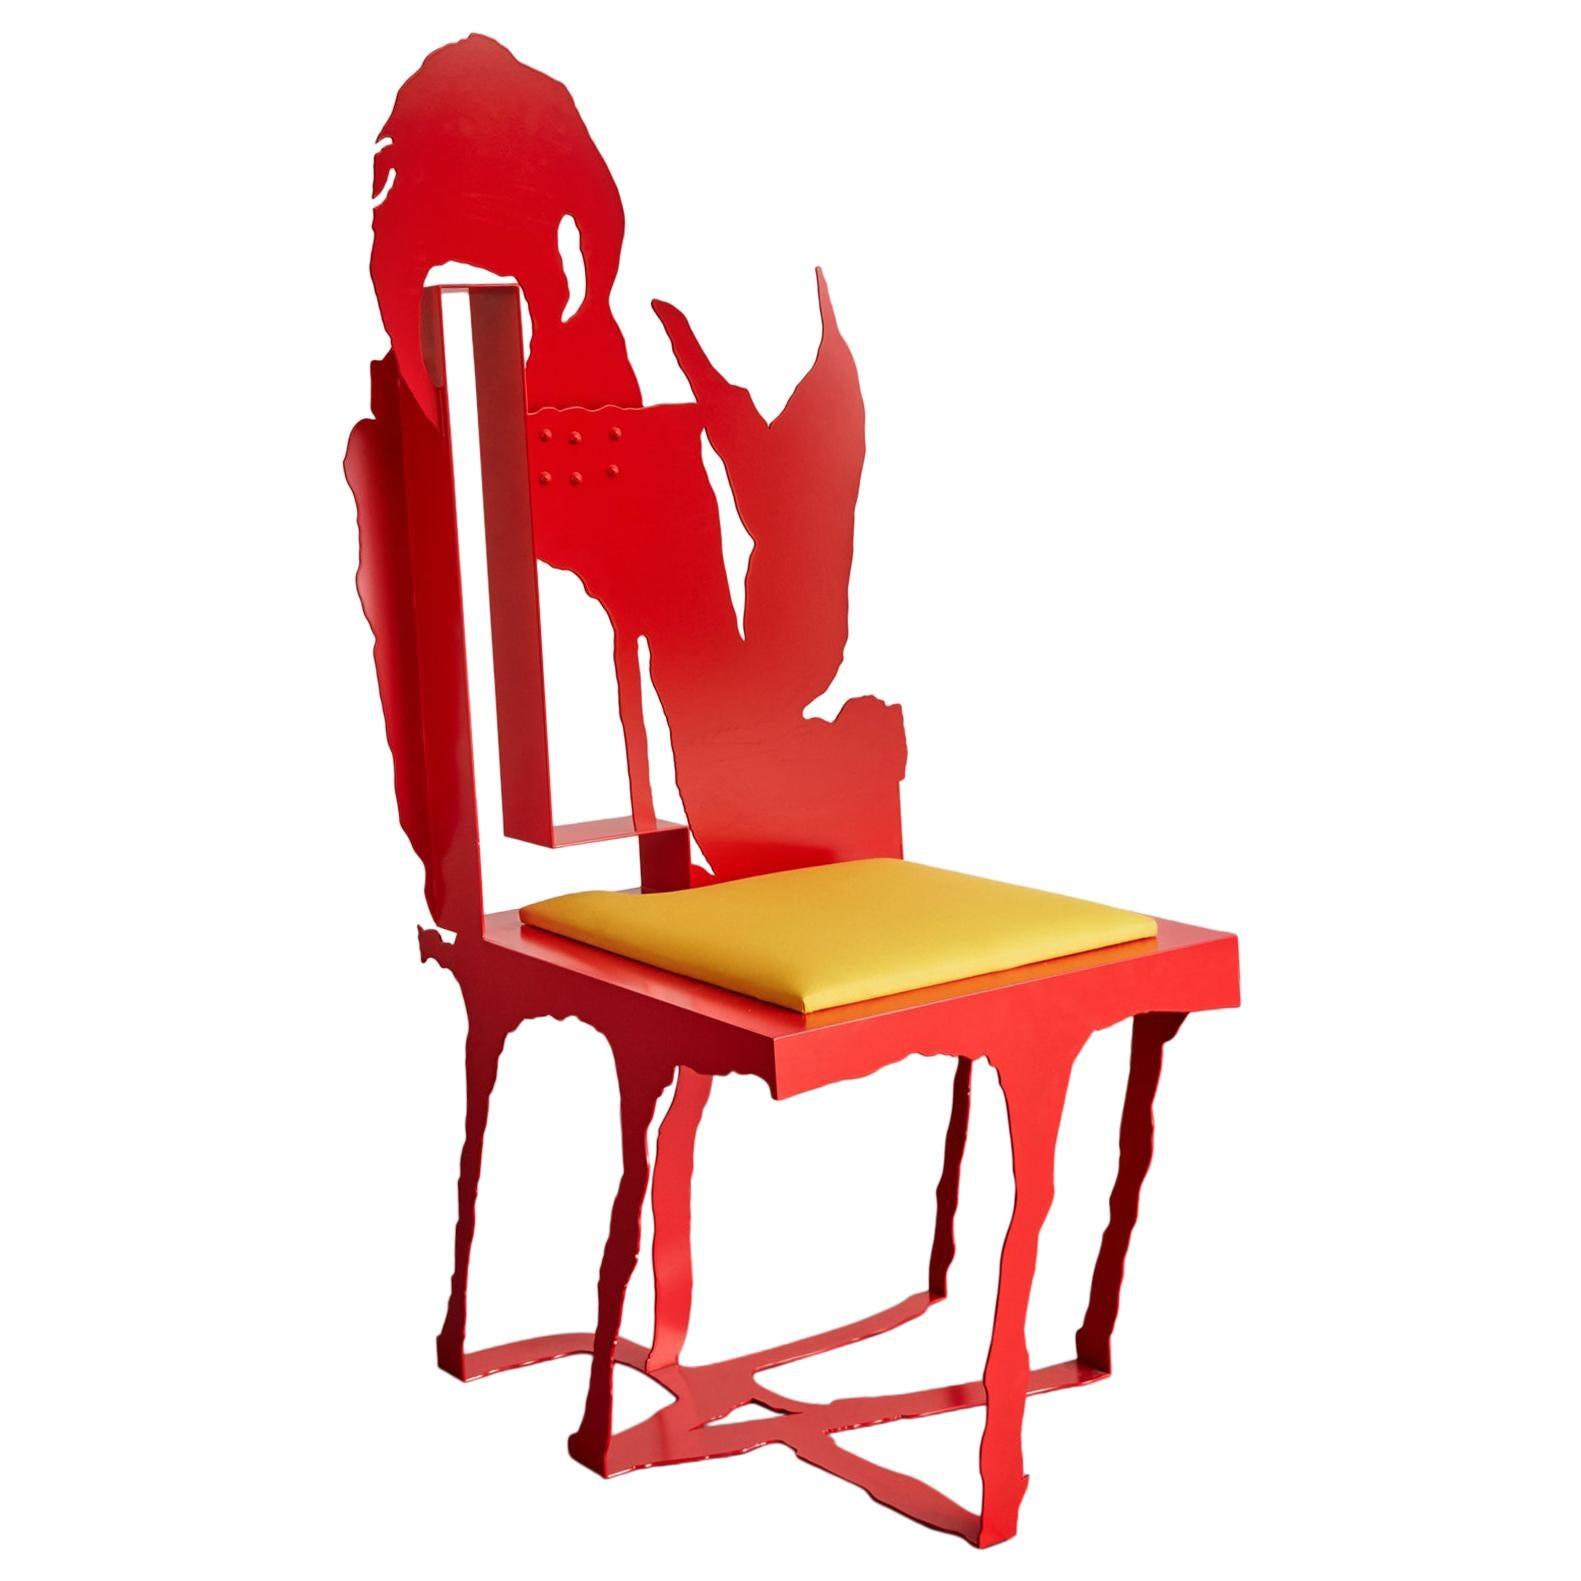 """""""Homarus"""" sculptural chair by Serban Ionescu, 2017"""